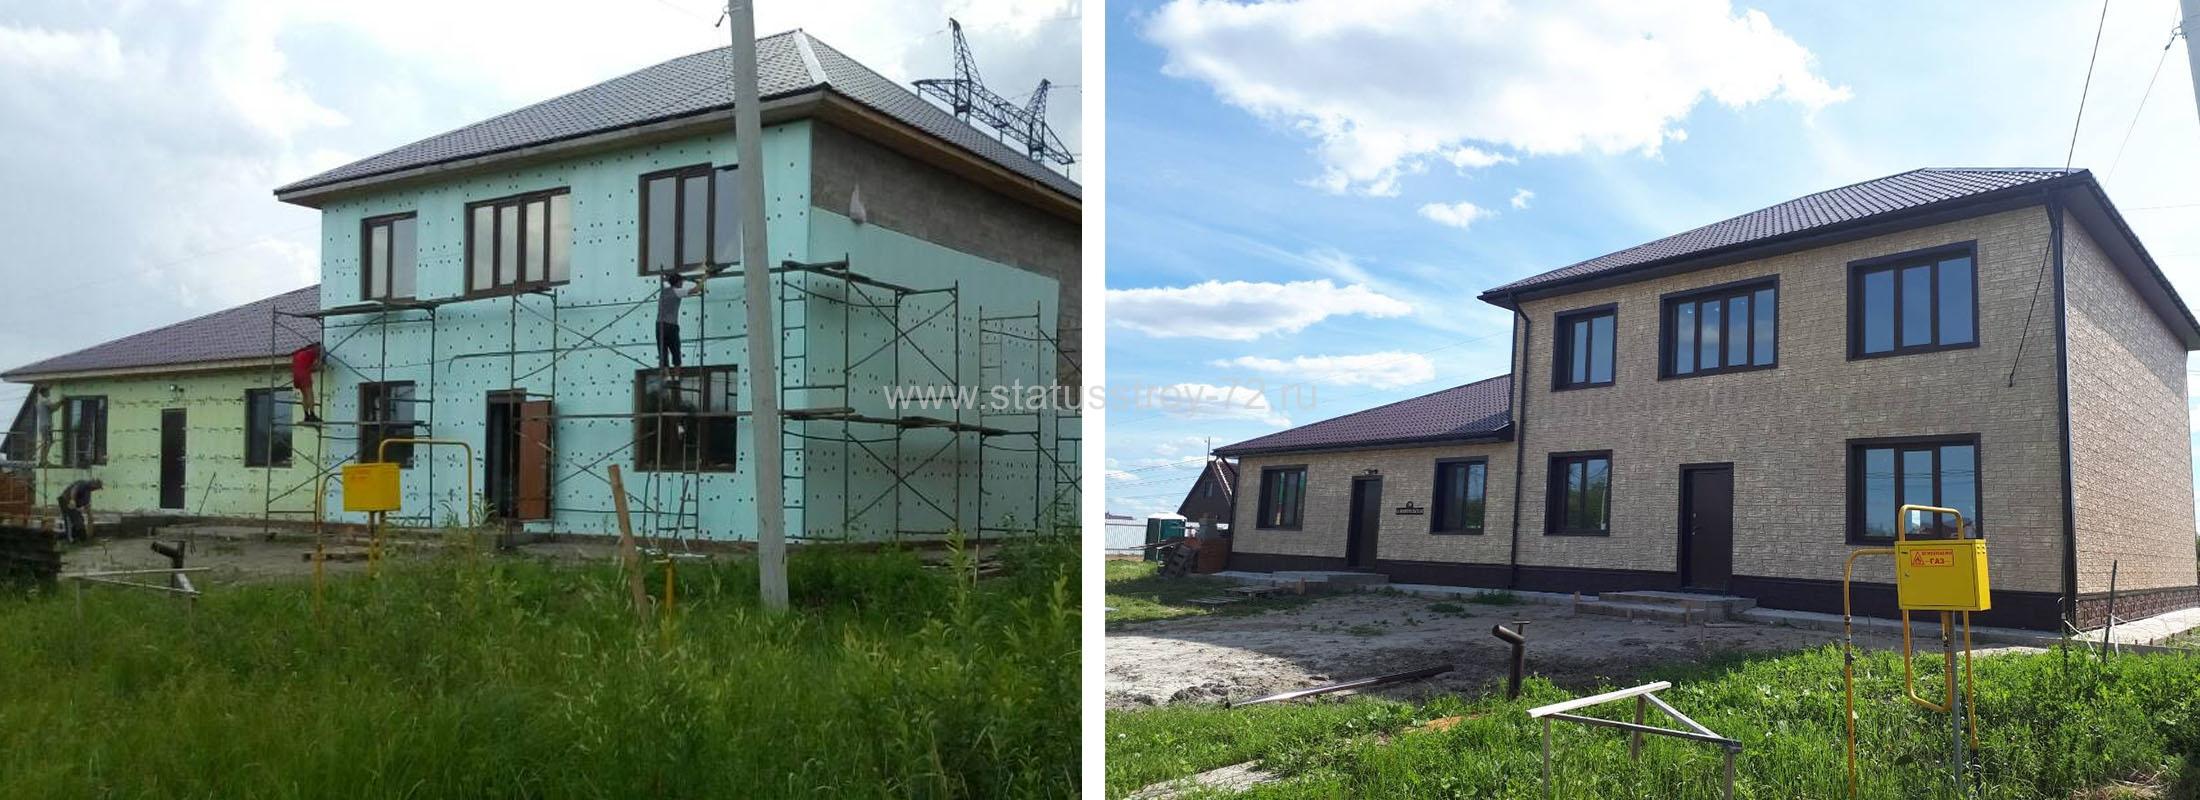 Отделка фасада и цоколя сайдингом и работы по кровле Тюмень